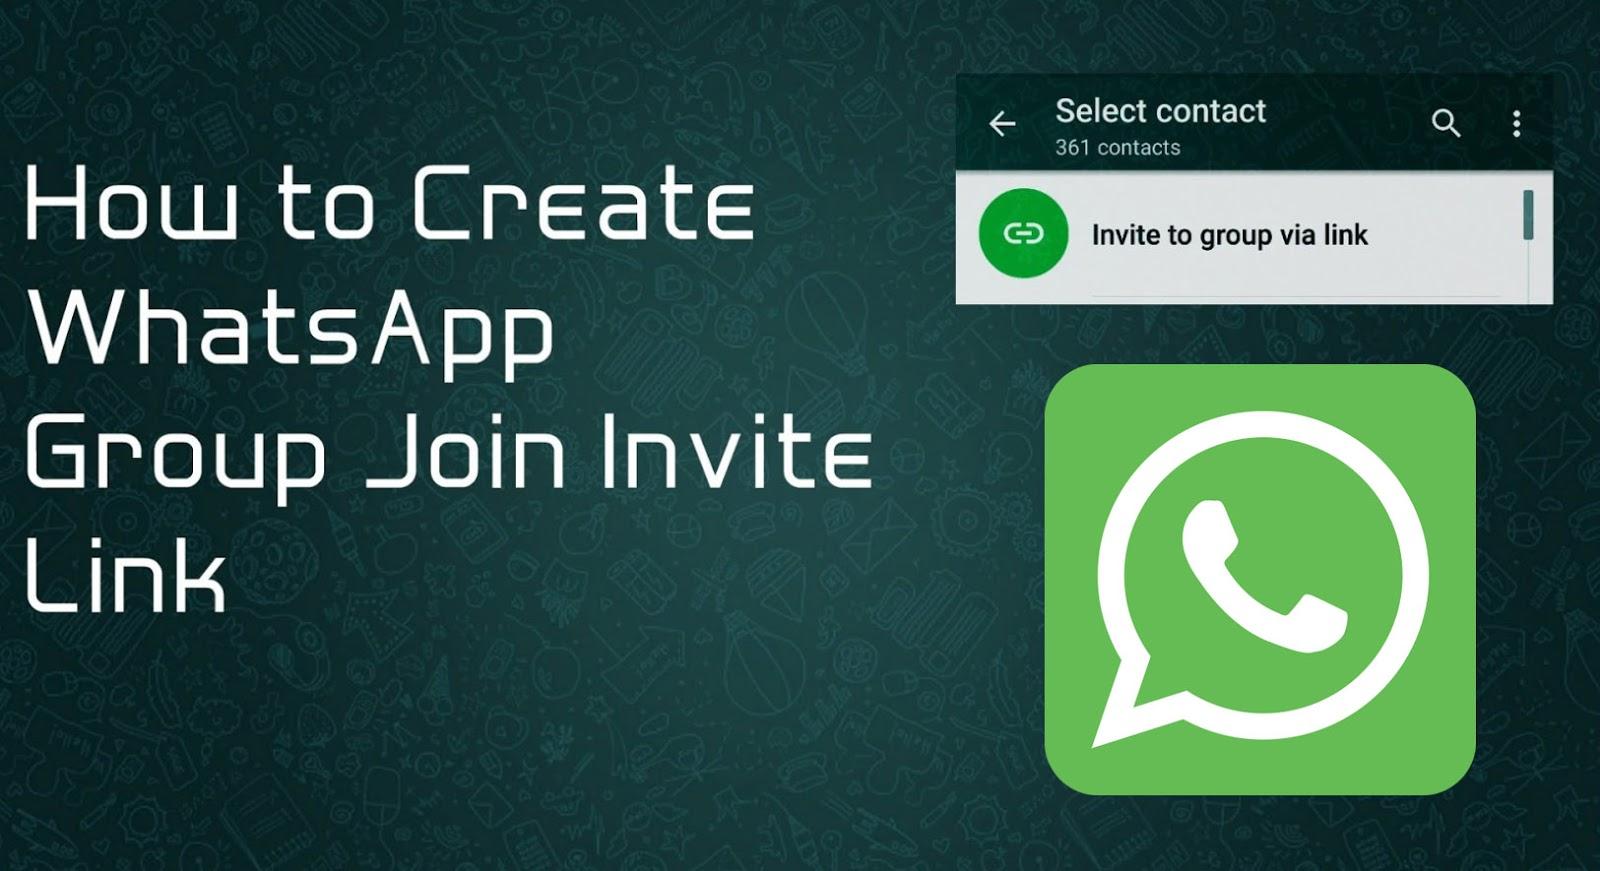 mengundang teman masuk ke grup WhatsApp via invite link